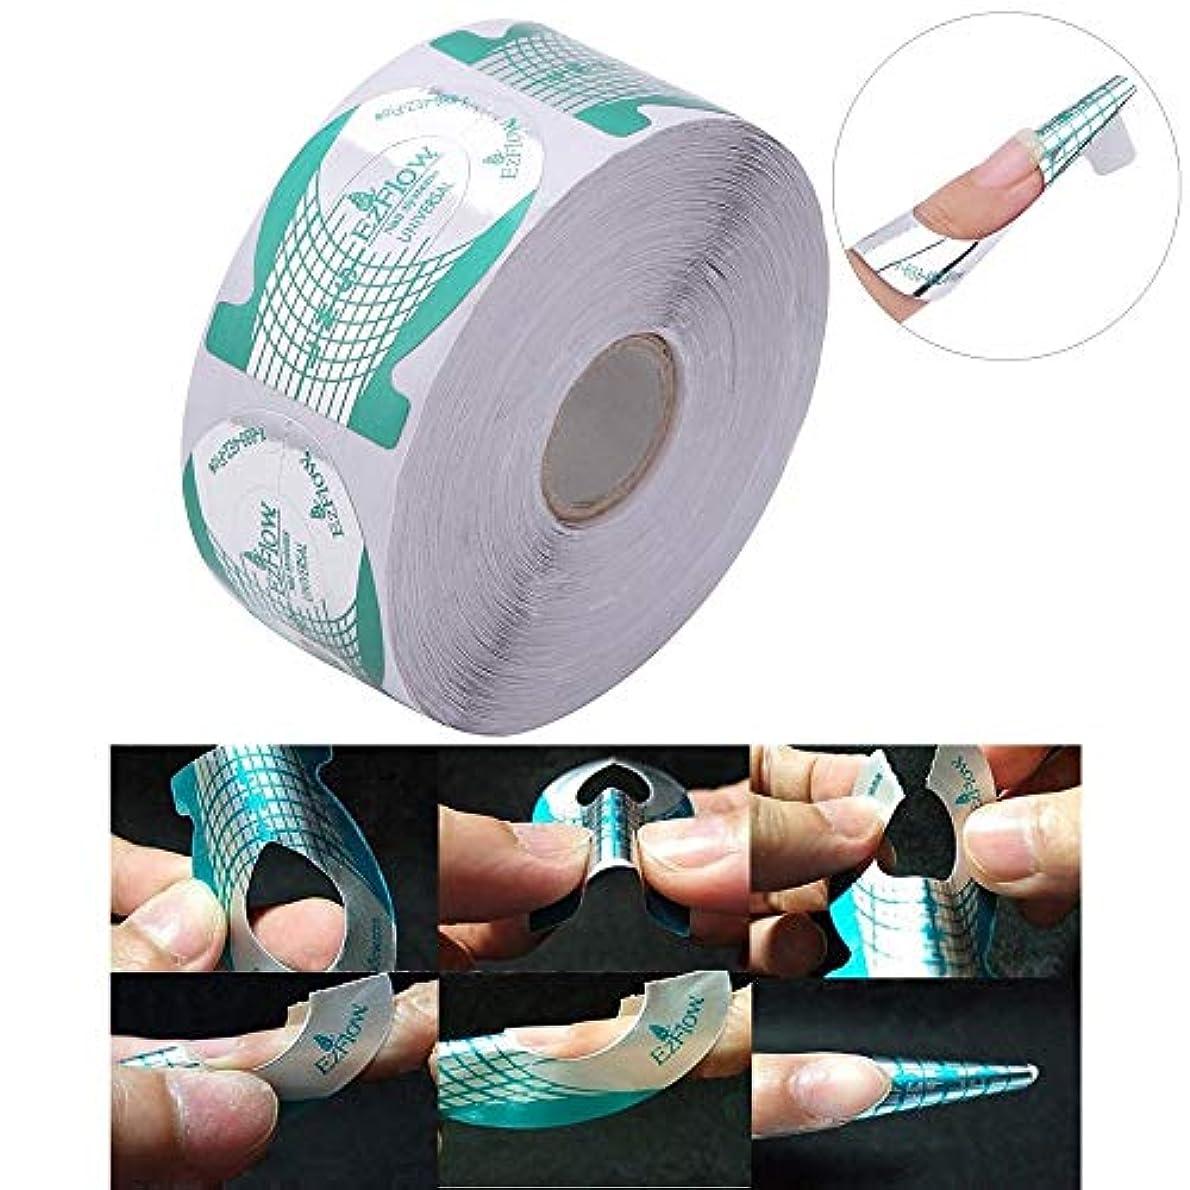 ストライド検出可能差し控える500pcs/roll Nail Art French Green Missile Shape Forms Acrylic Curve Polish UV Gel Extension Builder Guide Stencil...